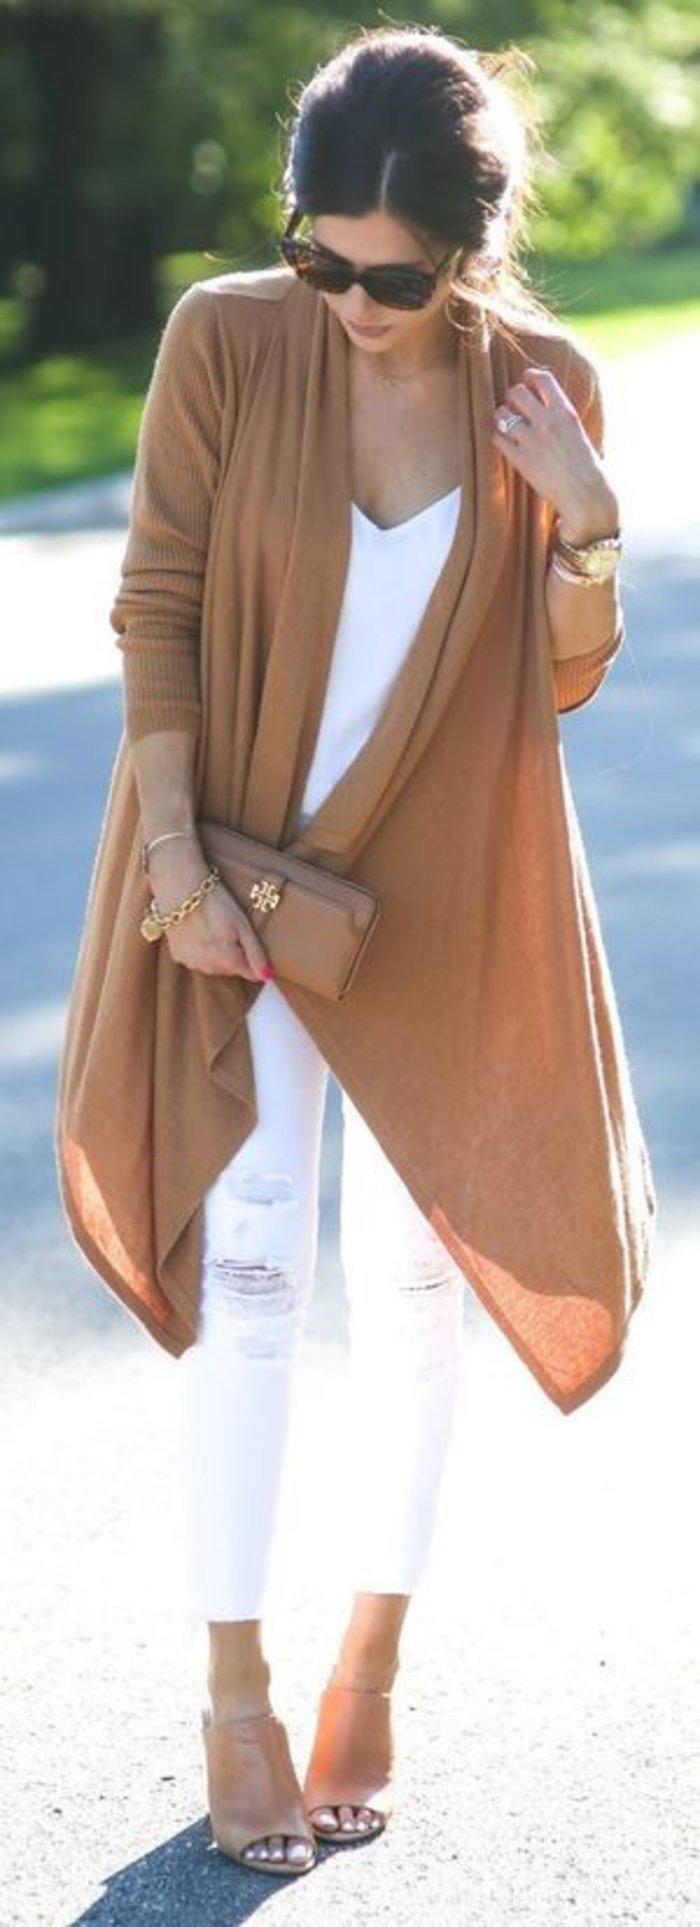 Ο ιδανικός συνδυασμός λευκού και καμηλό. Ένας απλός συνδυασμός που δίνει αέρα και κίνηση στο ντύσιμο σας.